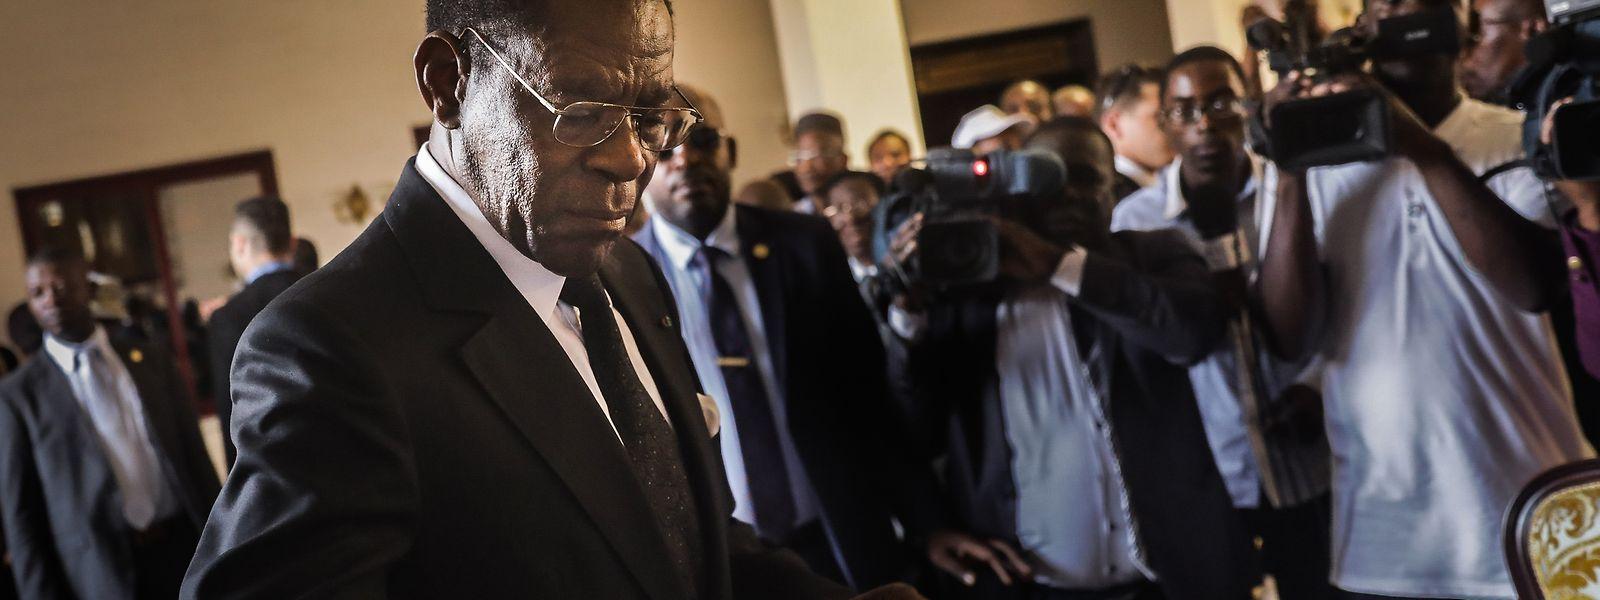 O Presidente da Guiné-Equatorial Teodoro Obiang exerceu o seu direito de voto, em Malabo